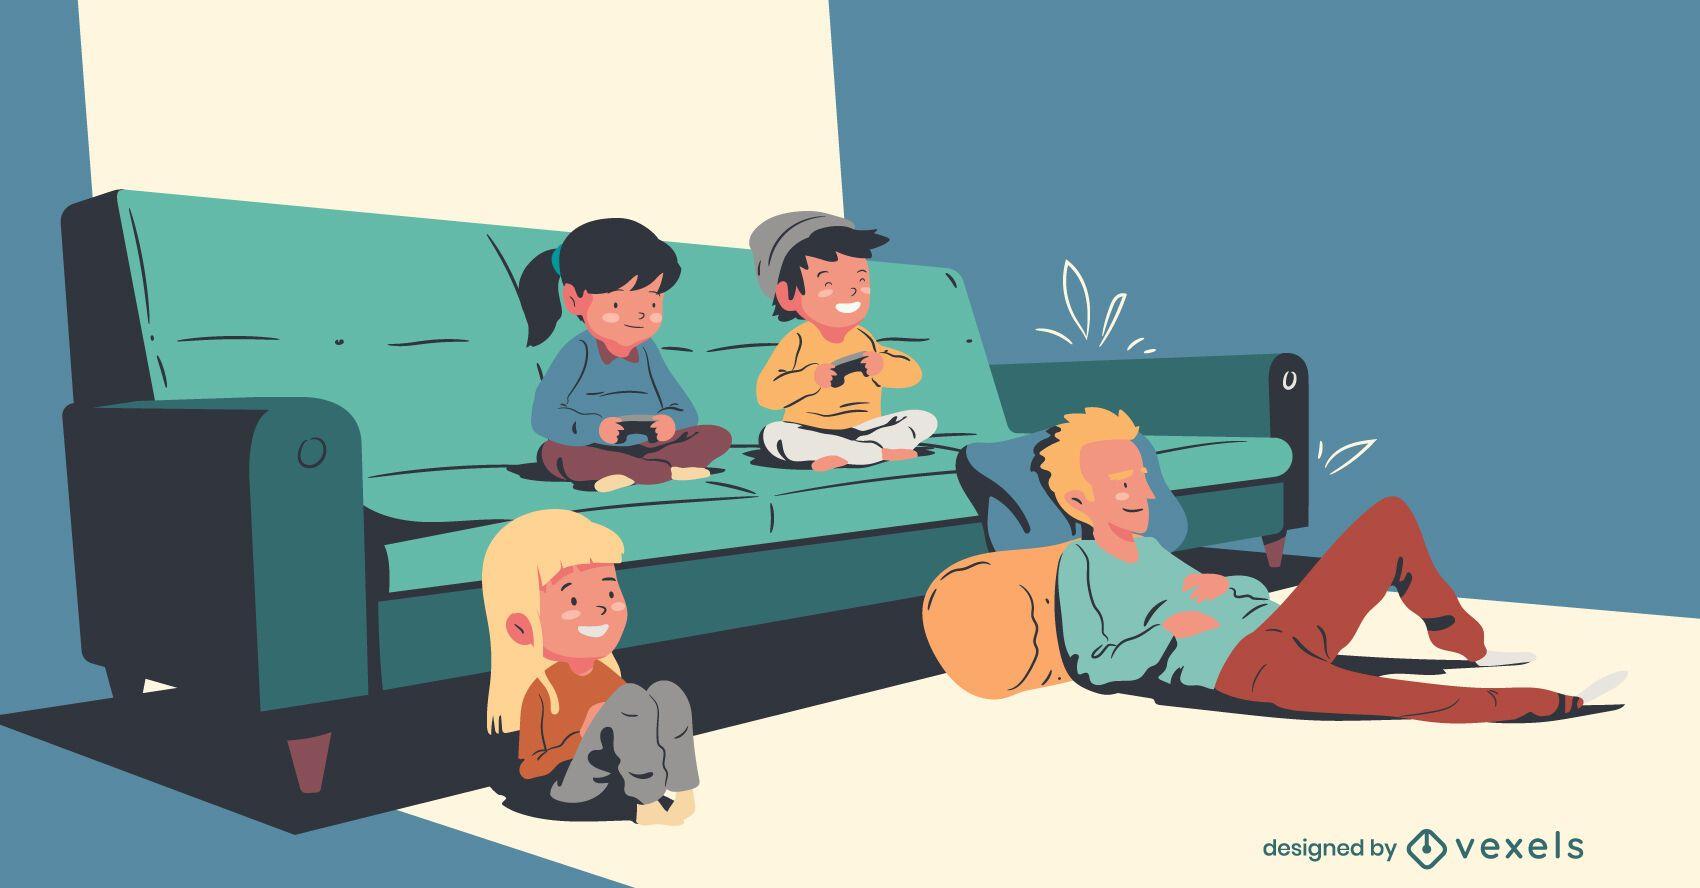 Familie die Fernsehillustration sieht